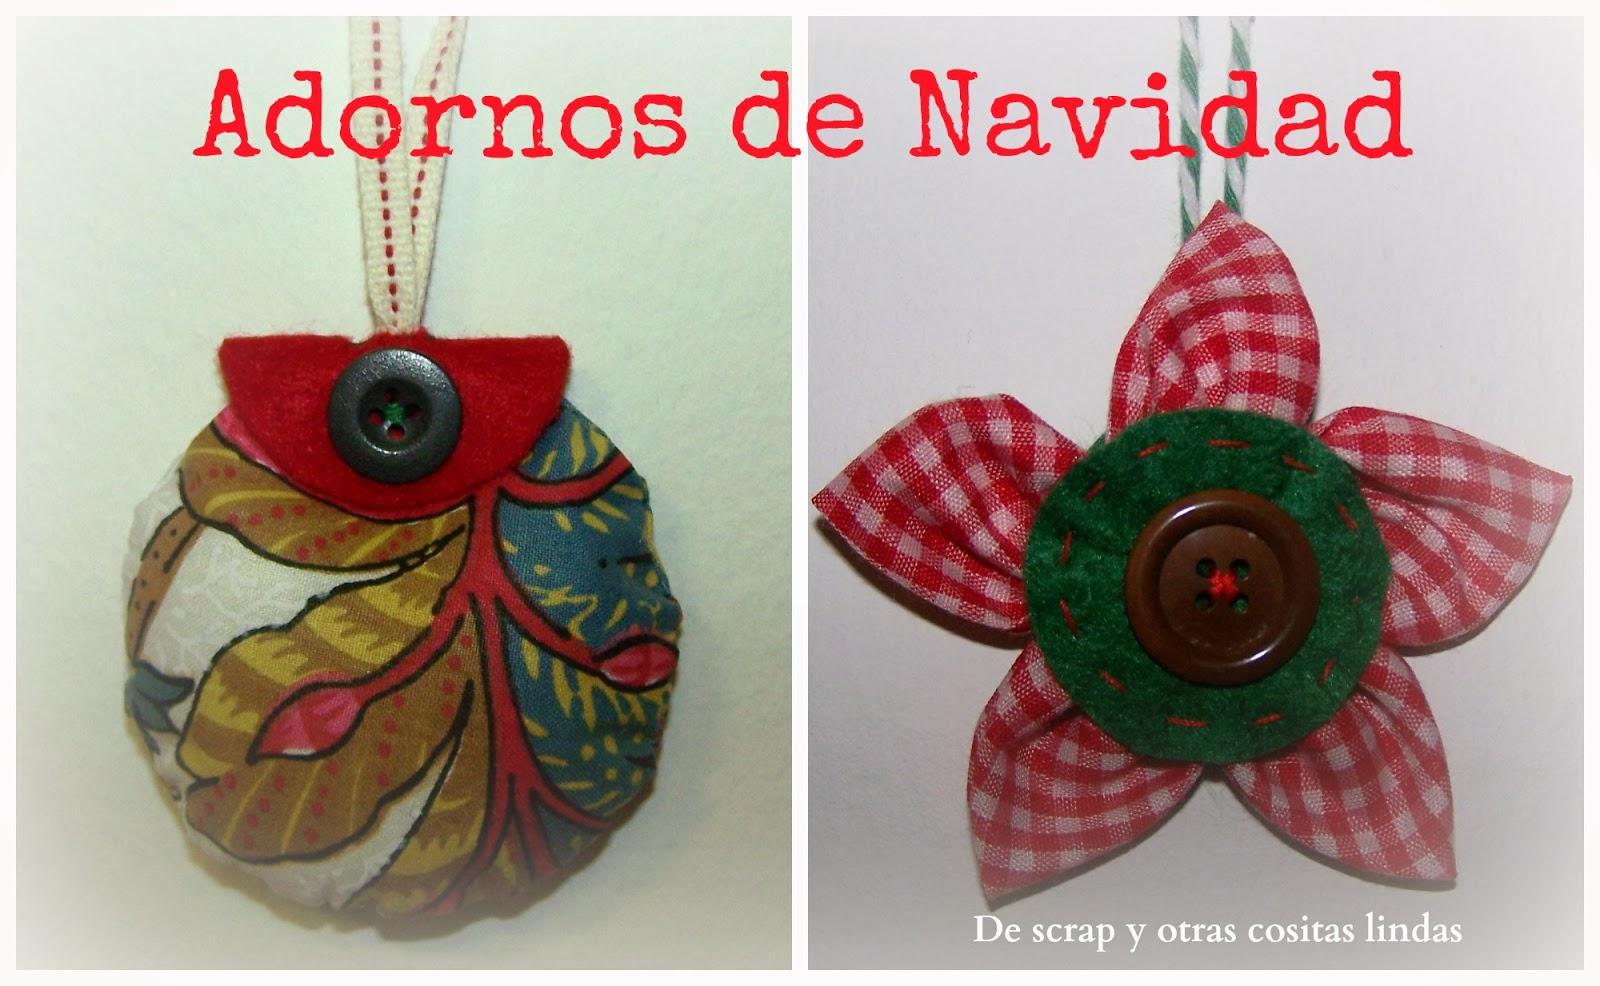 Bolas De Navidad De Tela Bolas De Navidad De Tela Remolino De Rbol - Adornos-de-navidad-con-tela